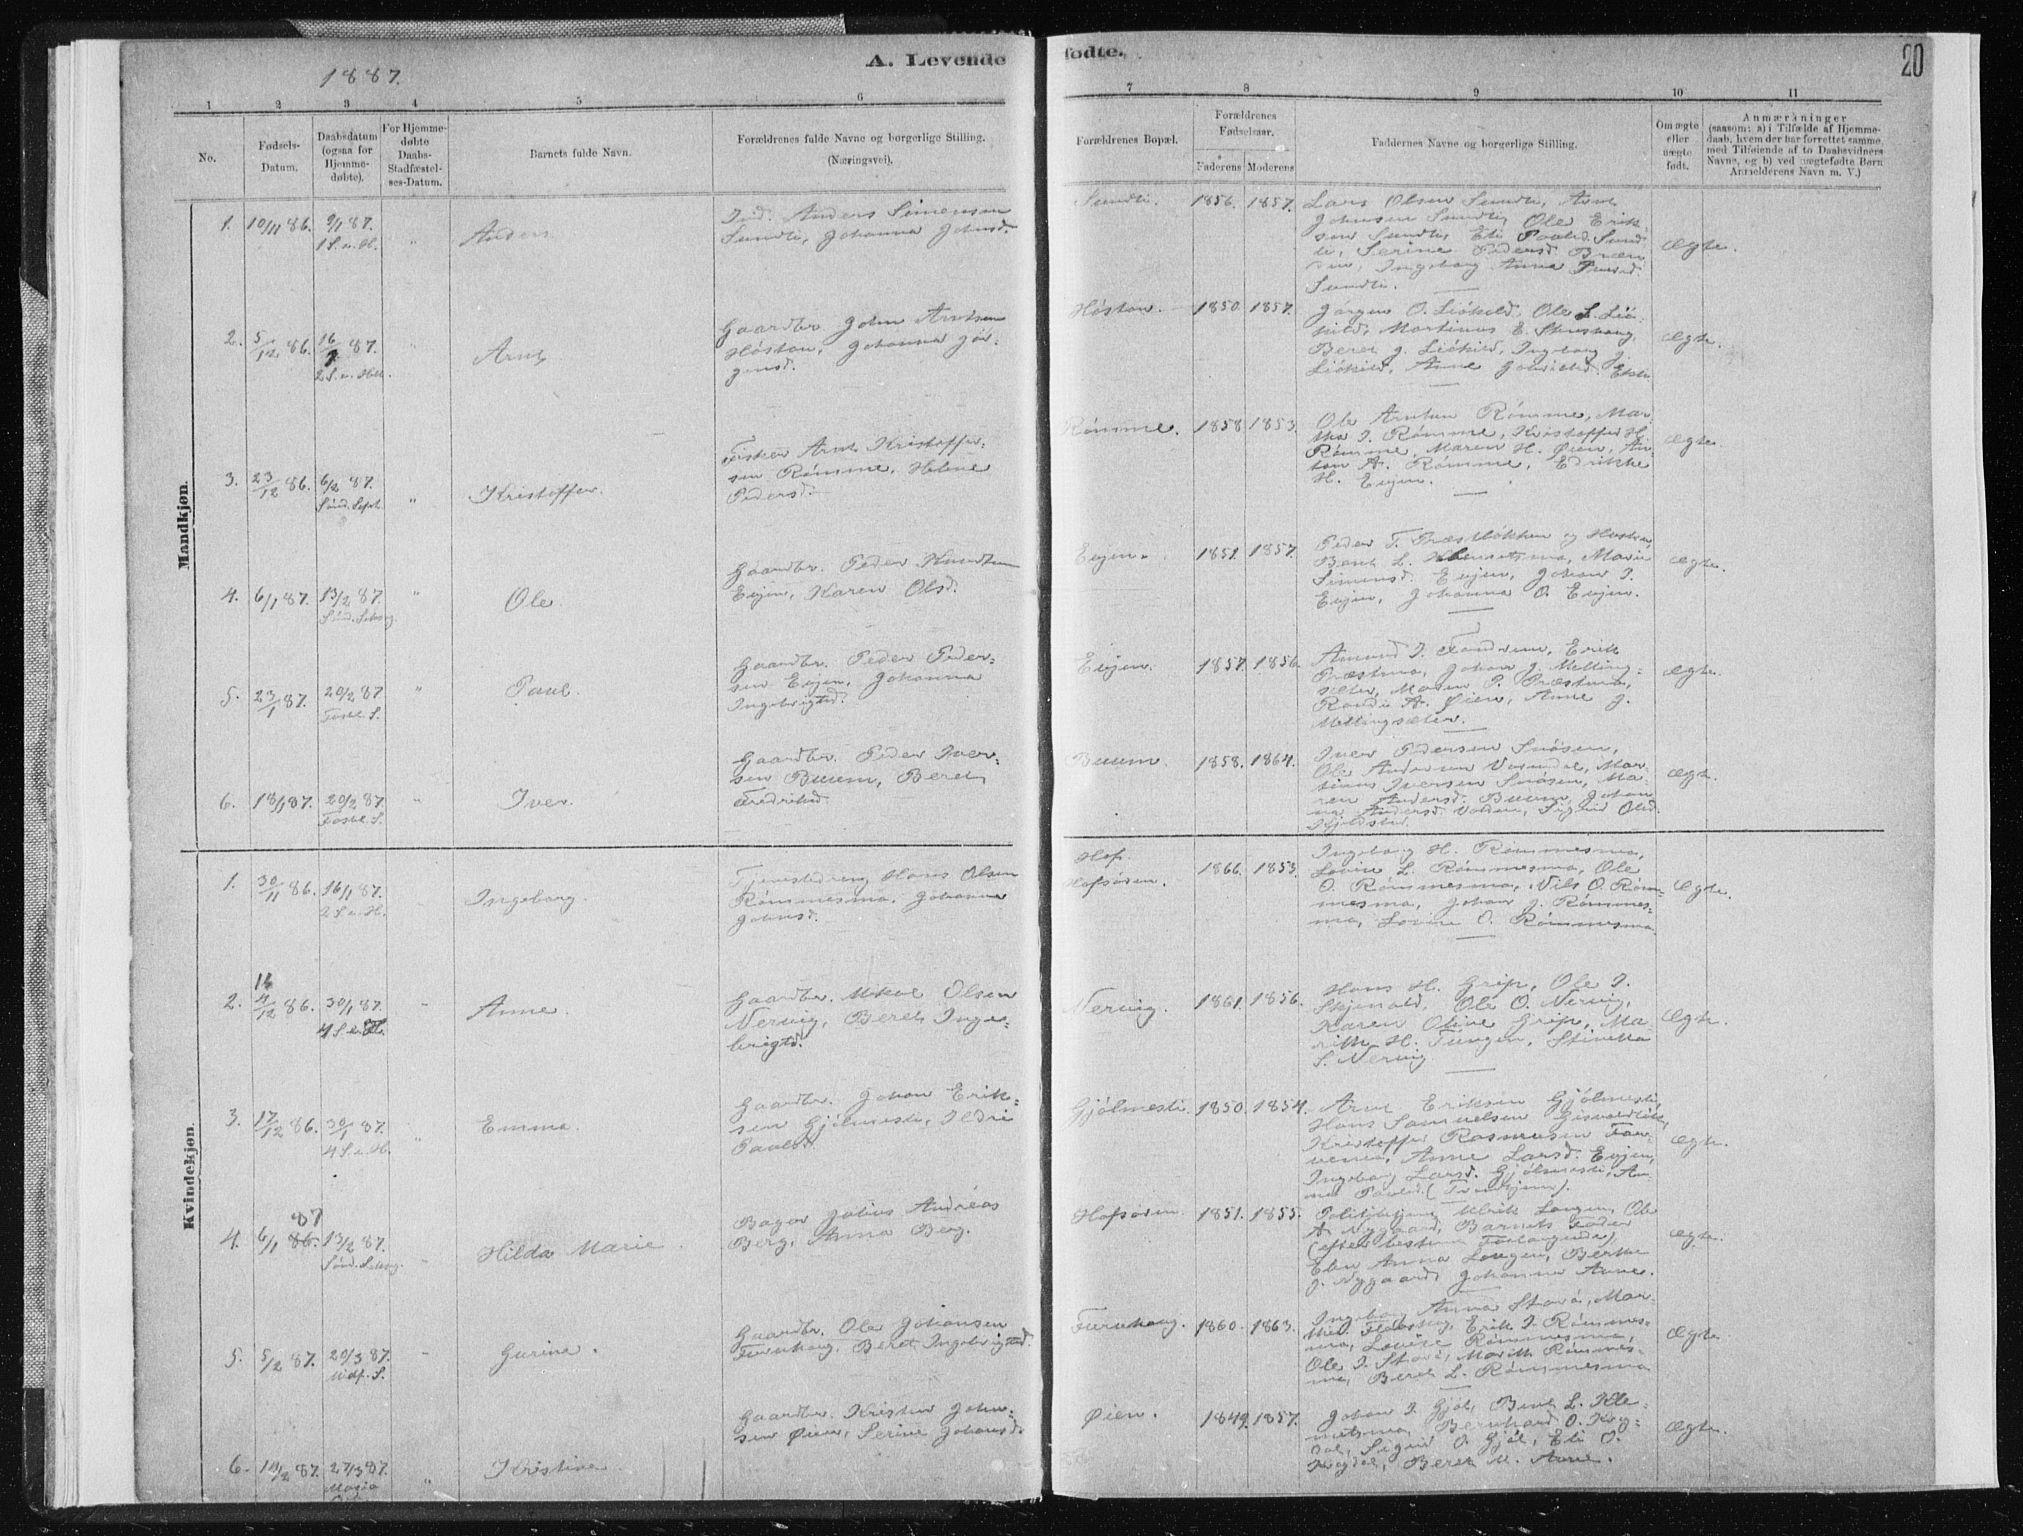 SAT, Ministerialprotokoller, klokkerbøker og fødselsregistre - Sør-Trøndelag, 668/L0818: Klokkerbok nr. 668C07, 1885-1898, s. 20